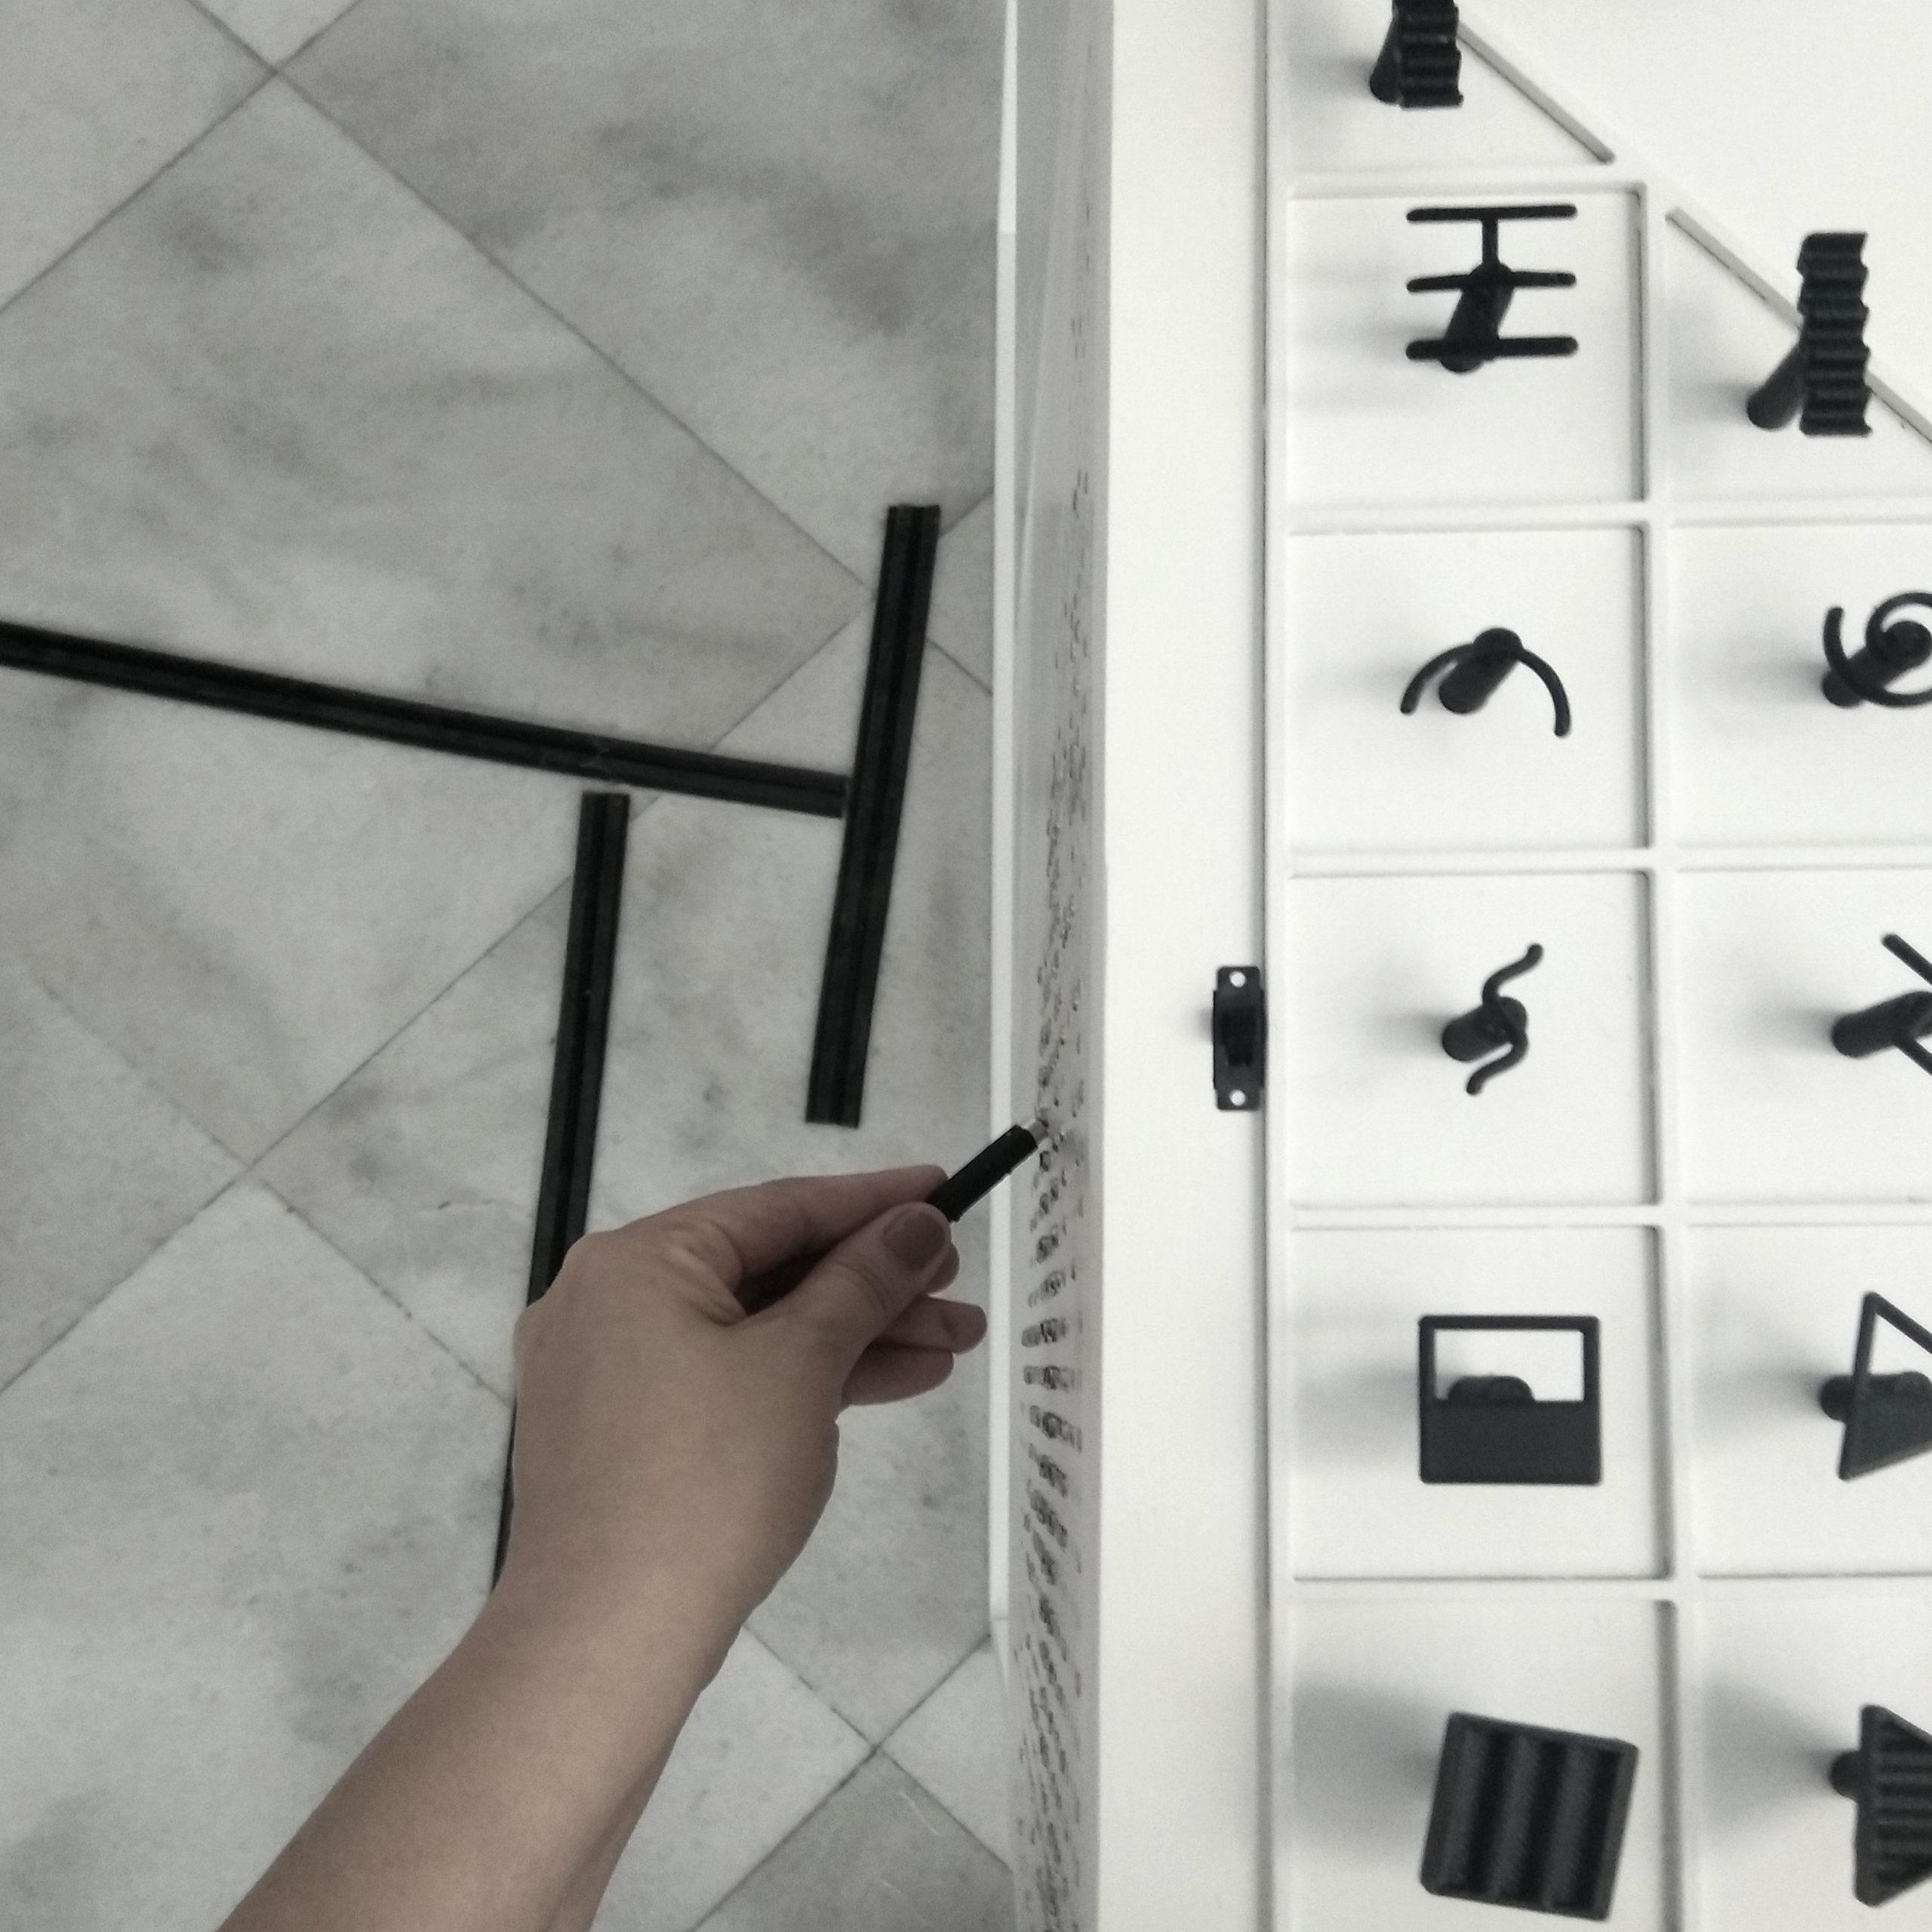 Διαδραστικά Μουσειοπαιδαγωγικά Αντικείμενα για την ερμηνεία του έργου Σινιάλα του καλλιτέχνη Τάκι, της συλλογής του MOMus-Μουσείου Σύγχρονης Τέχνης. Τα αντικείμενα έχουν τοποθετηθεί σε ένα ξύλινο λευκό κουτί και περιλαμβάνουν ένα αντίγραφο του έργου τέχνης σε μικρότερη κλίμακα, έναμαγνητικό πίνακα αλληλεπίδρασης και στοιχεία που παρουσιάζουν τα βασικά γεωμετρικά σχήματα, είδη γραμμών και μια ηχητική ερμηνεία των βασικών χρωμάτων. Στην εικόνα εμφανίζεται ο μαγνητικός πίνακας που με ένα μαγνητικό μολύβι ο χρήστης μπορεί να σχεδιάσει έλκοντας μαγνητικά τις μεταλλικές ψηφίδες πάνω στον τριγωνικό πίνακα αλληλεπίδρασης που βρίσκεται στην μπροστινή και δεξιά πλαϊνή όψη του κουτιού.